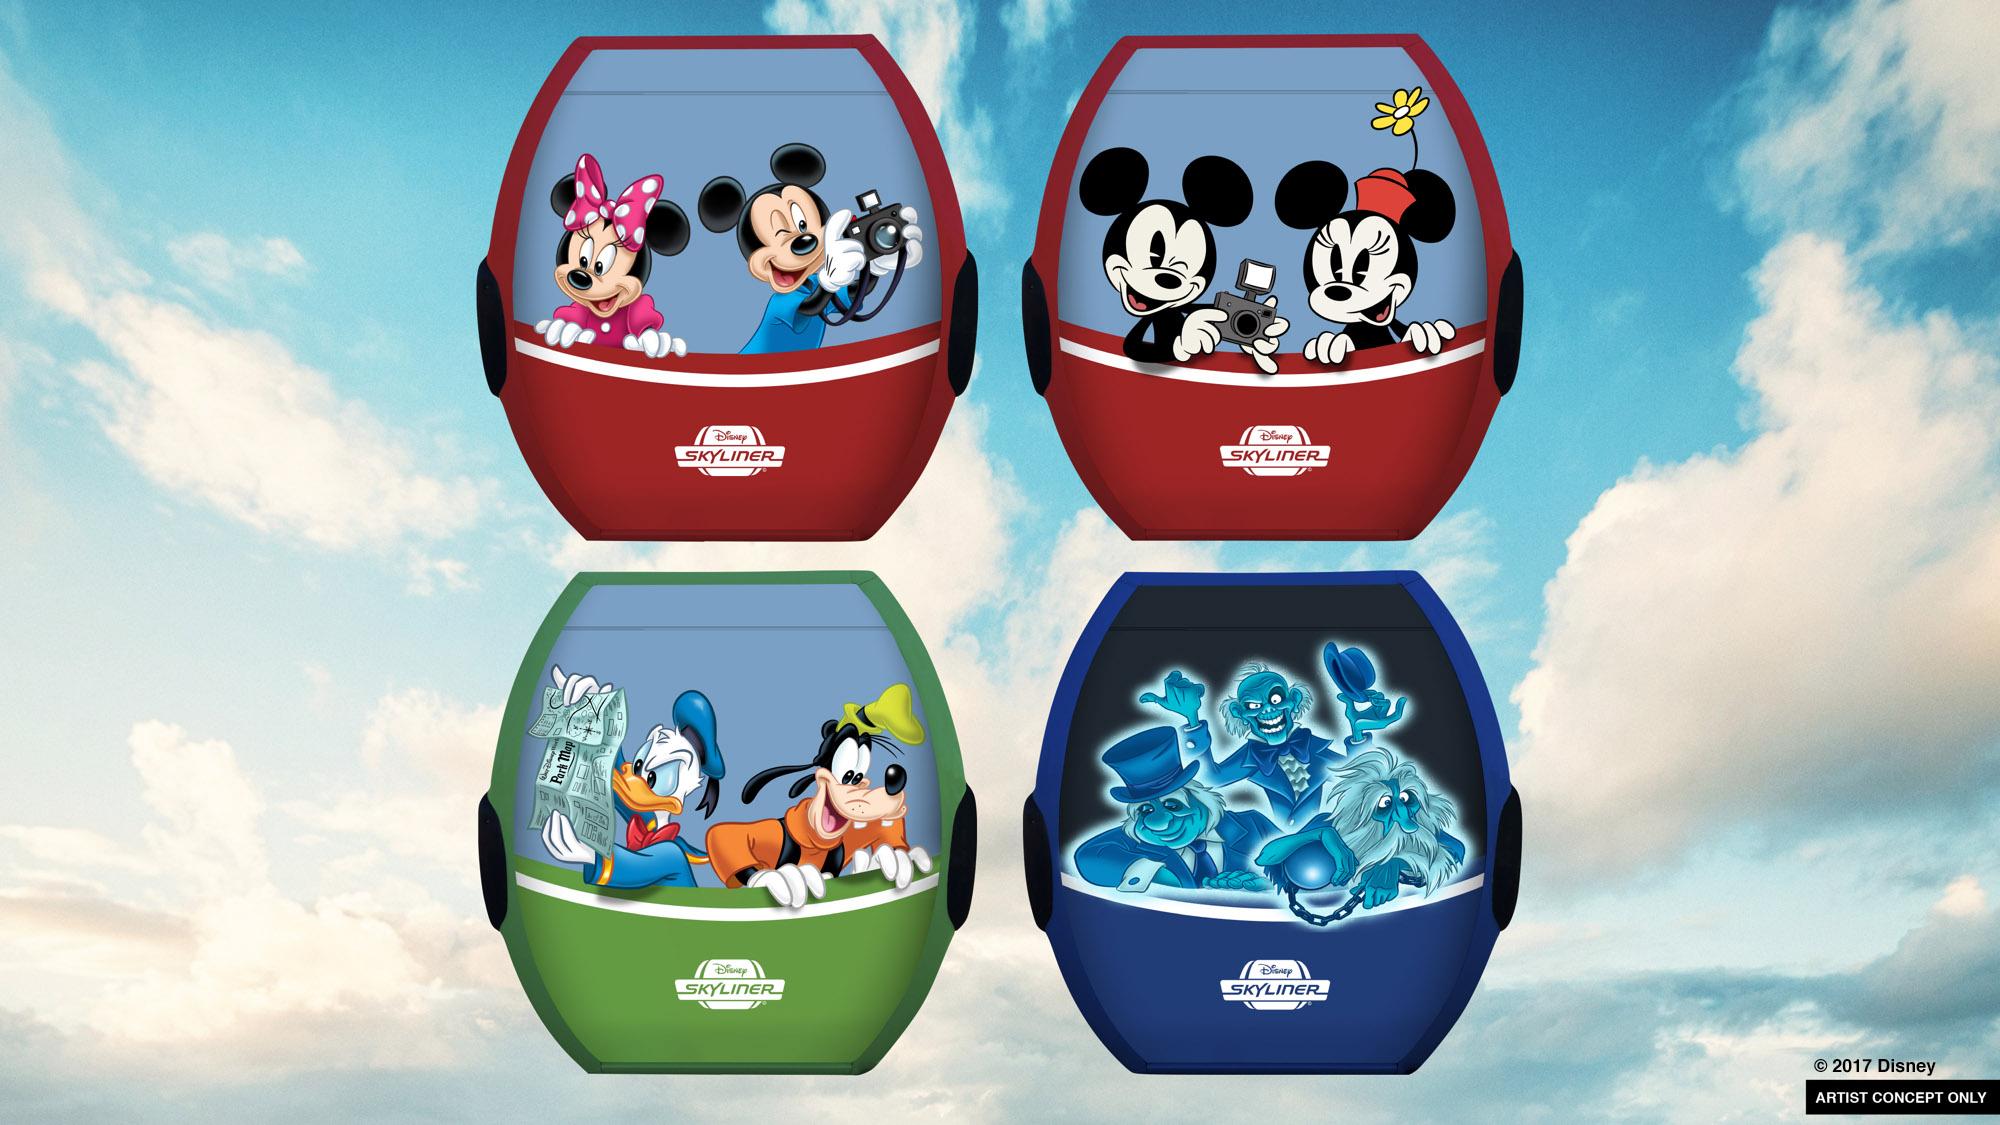 Disney Skyliner, New Minnie Vehicles to Transport Guests Around Walt Disney World Resort